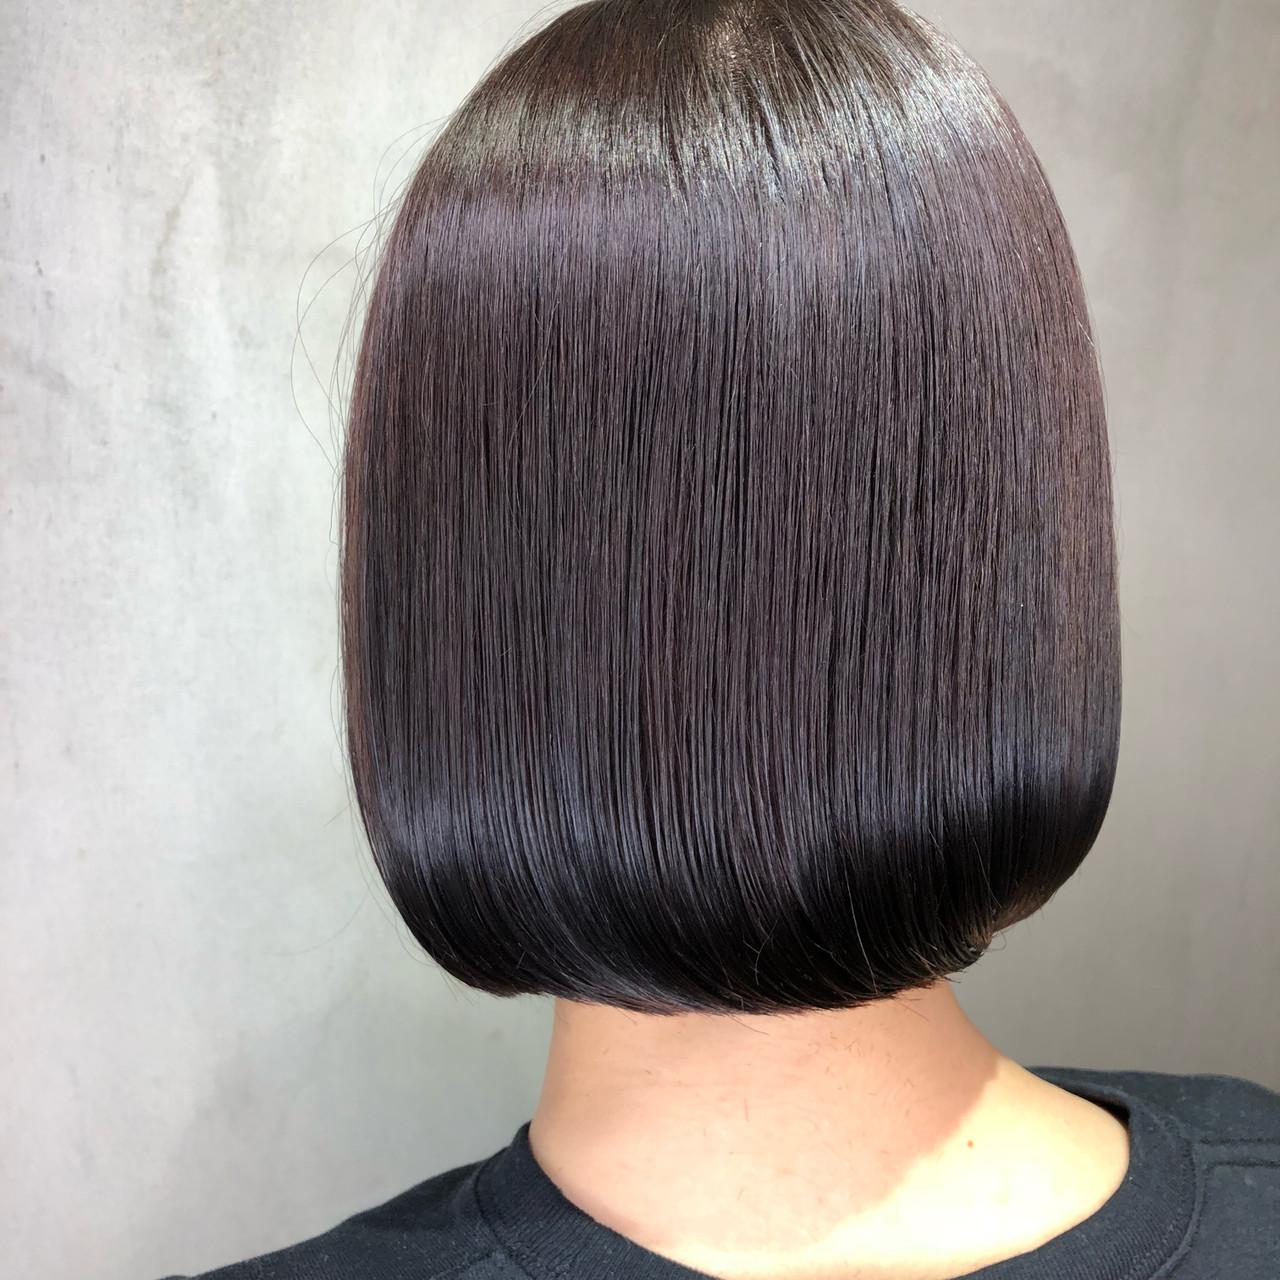 ミニボブ ベリーショート ショートボブ ボブ ヘアスタイルや髪型の写真・画像 | 筒井 隆由 / Hair salon mode